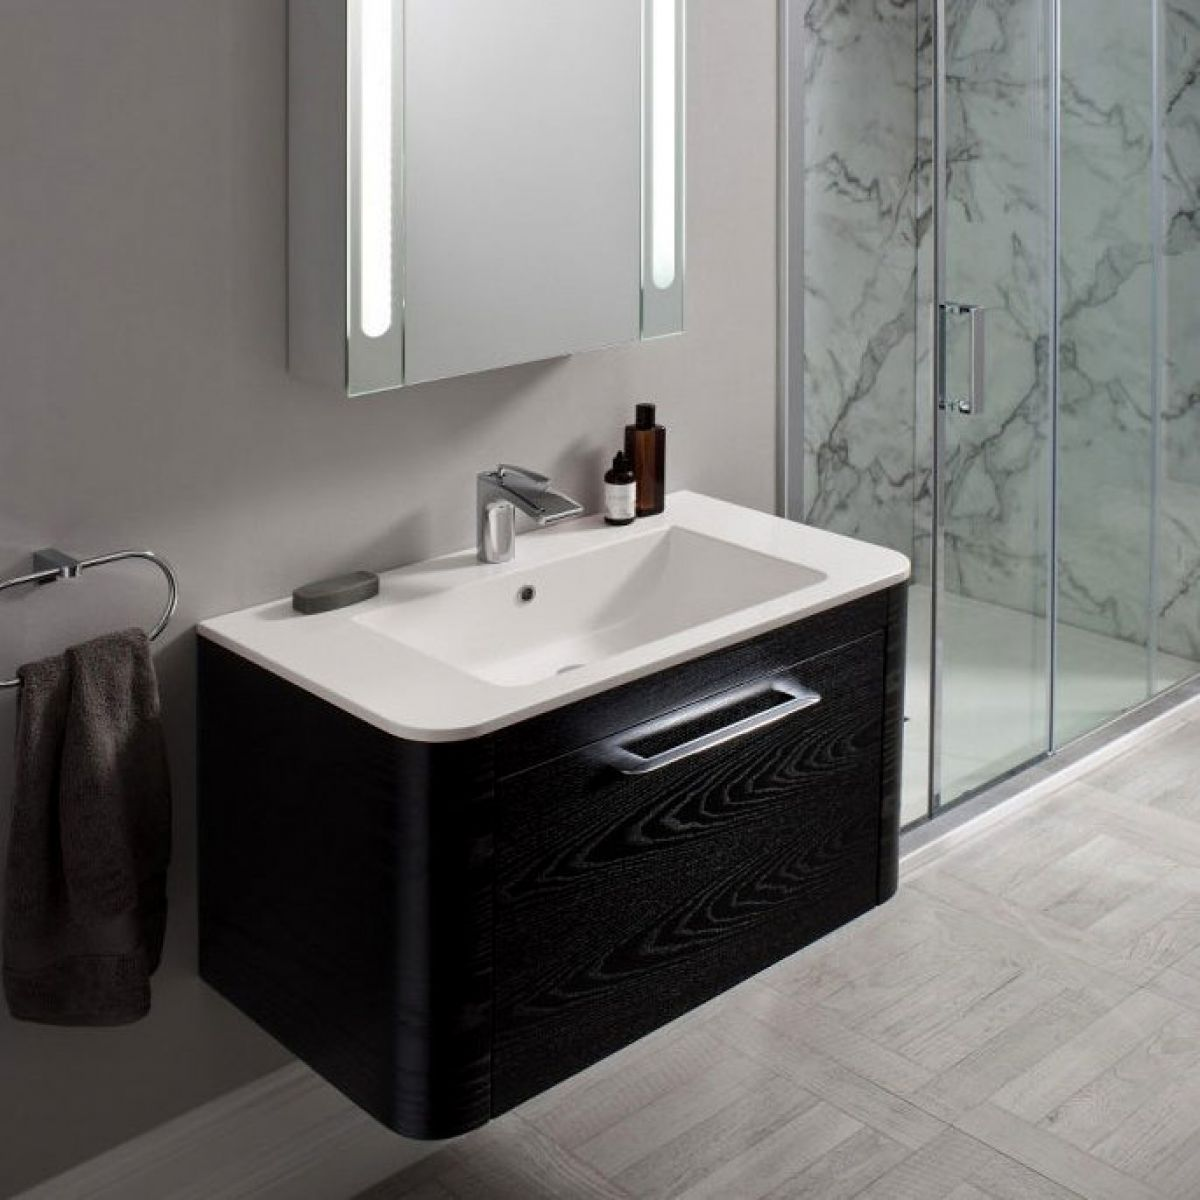 Bauhaus Celeste Wall Hung Unit With Basin Uk Bathrooms